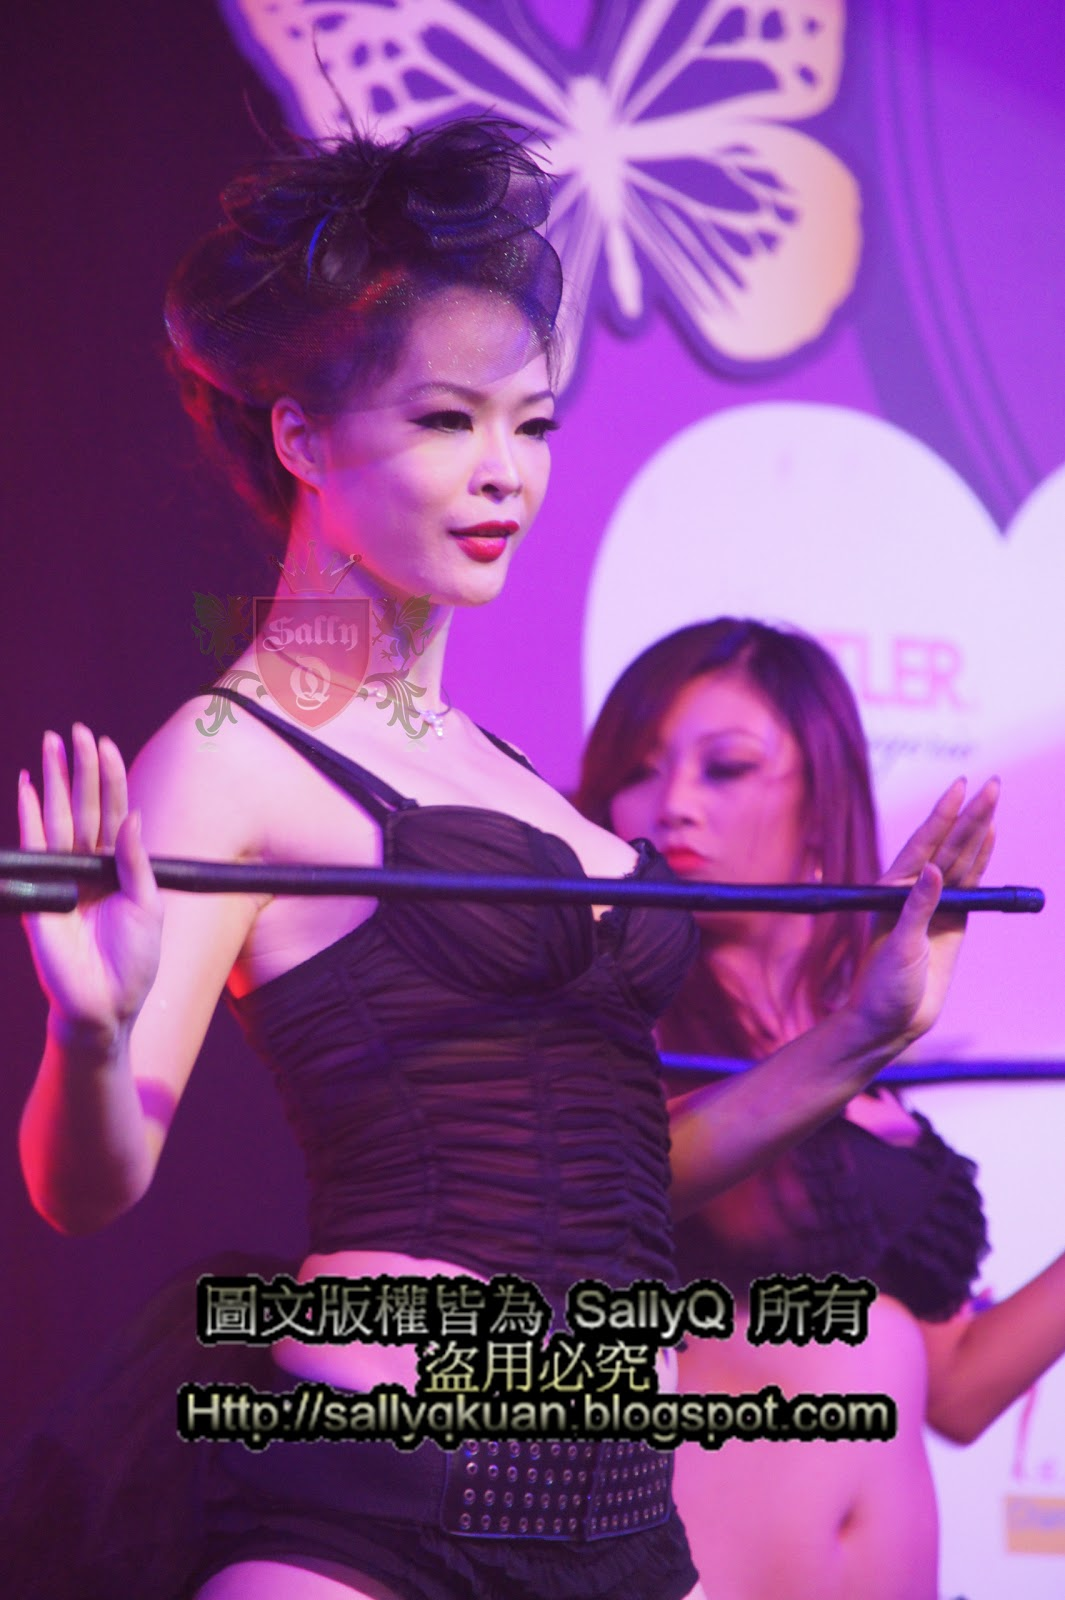 2011澳門AAE亞洲成人博覽:成人頻道舞孃秀